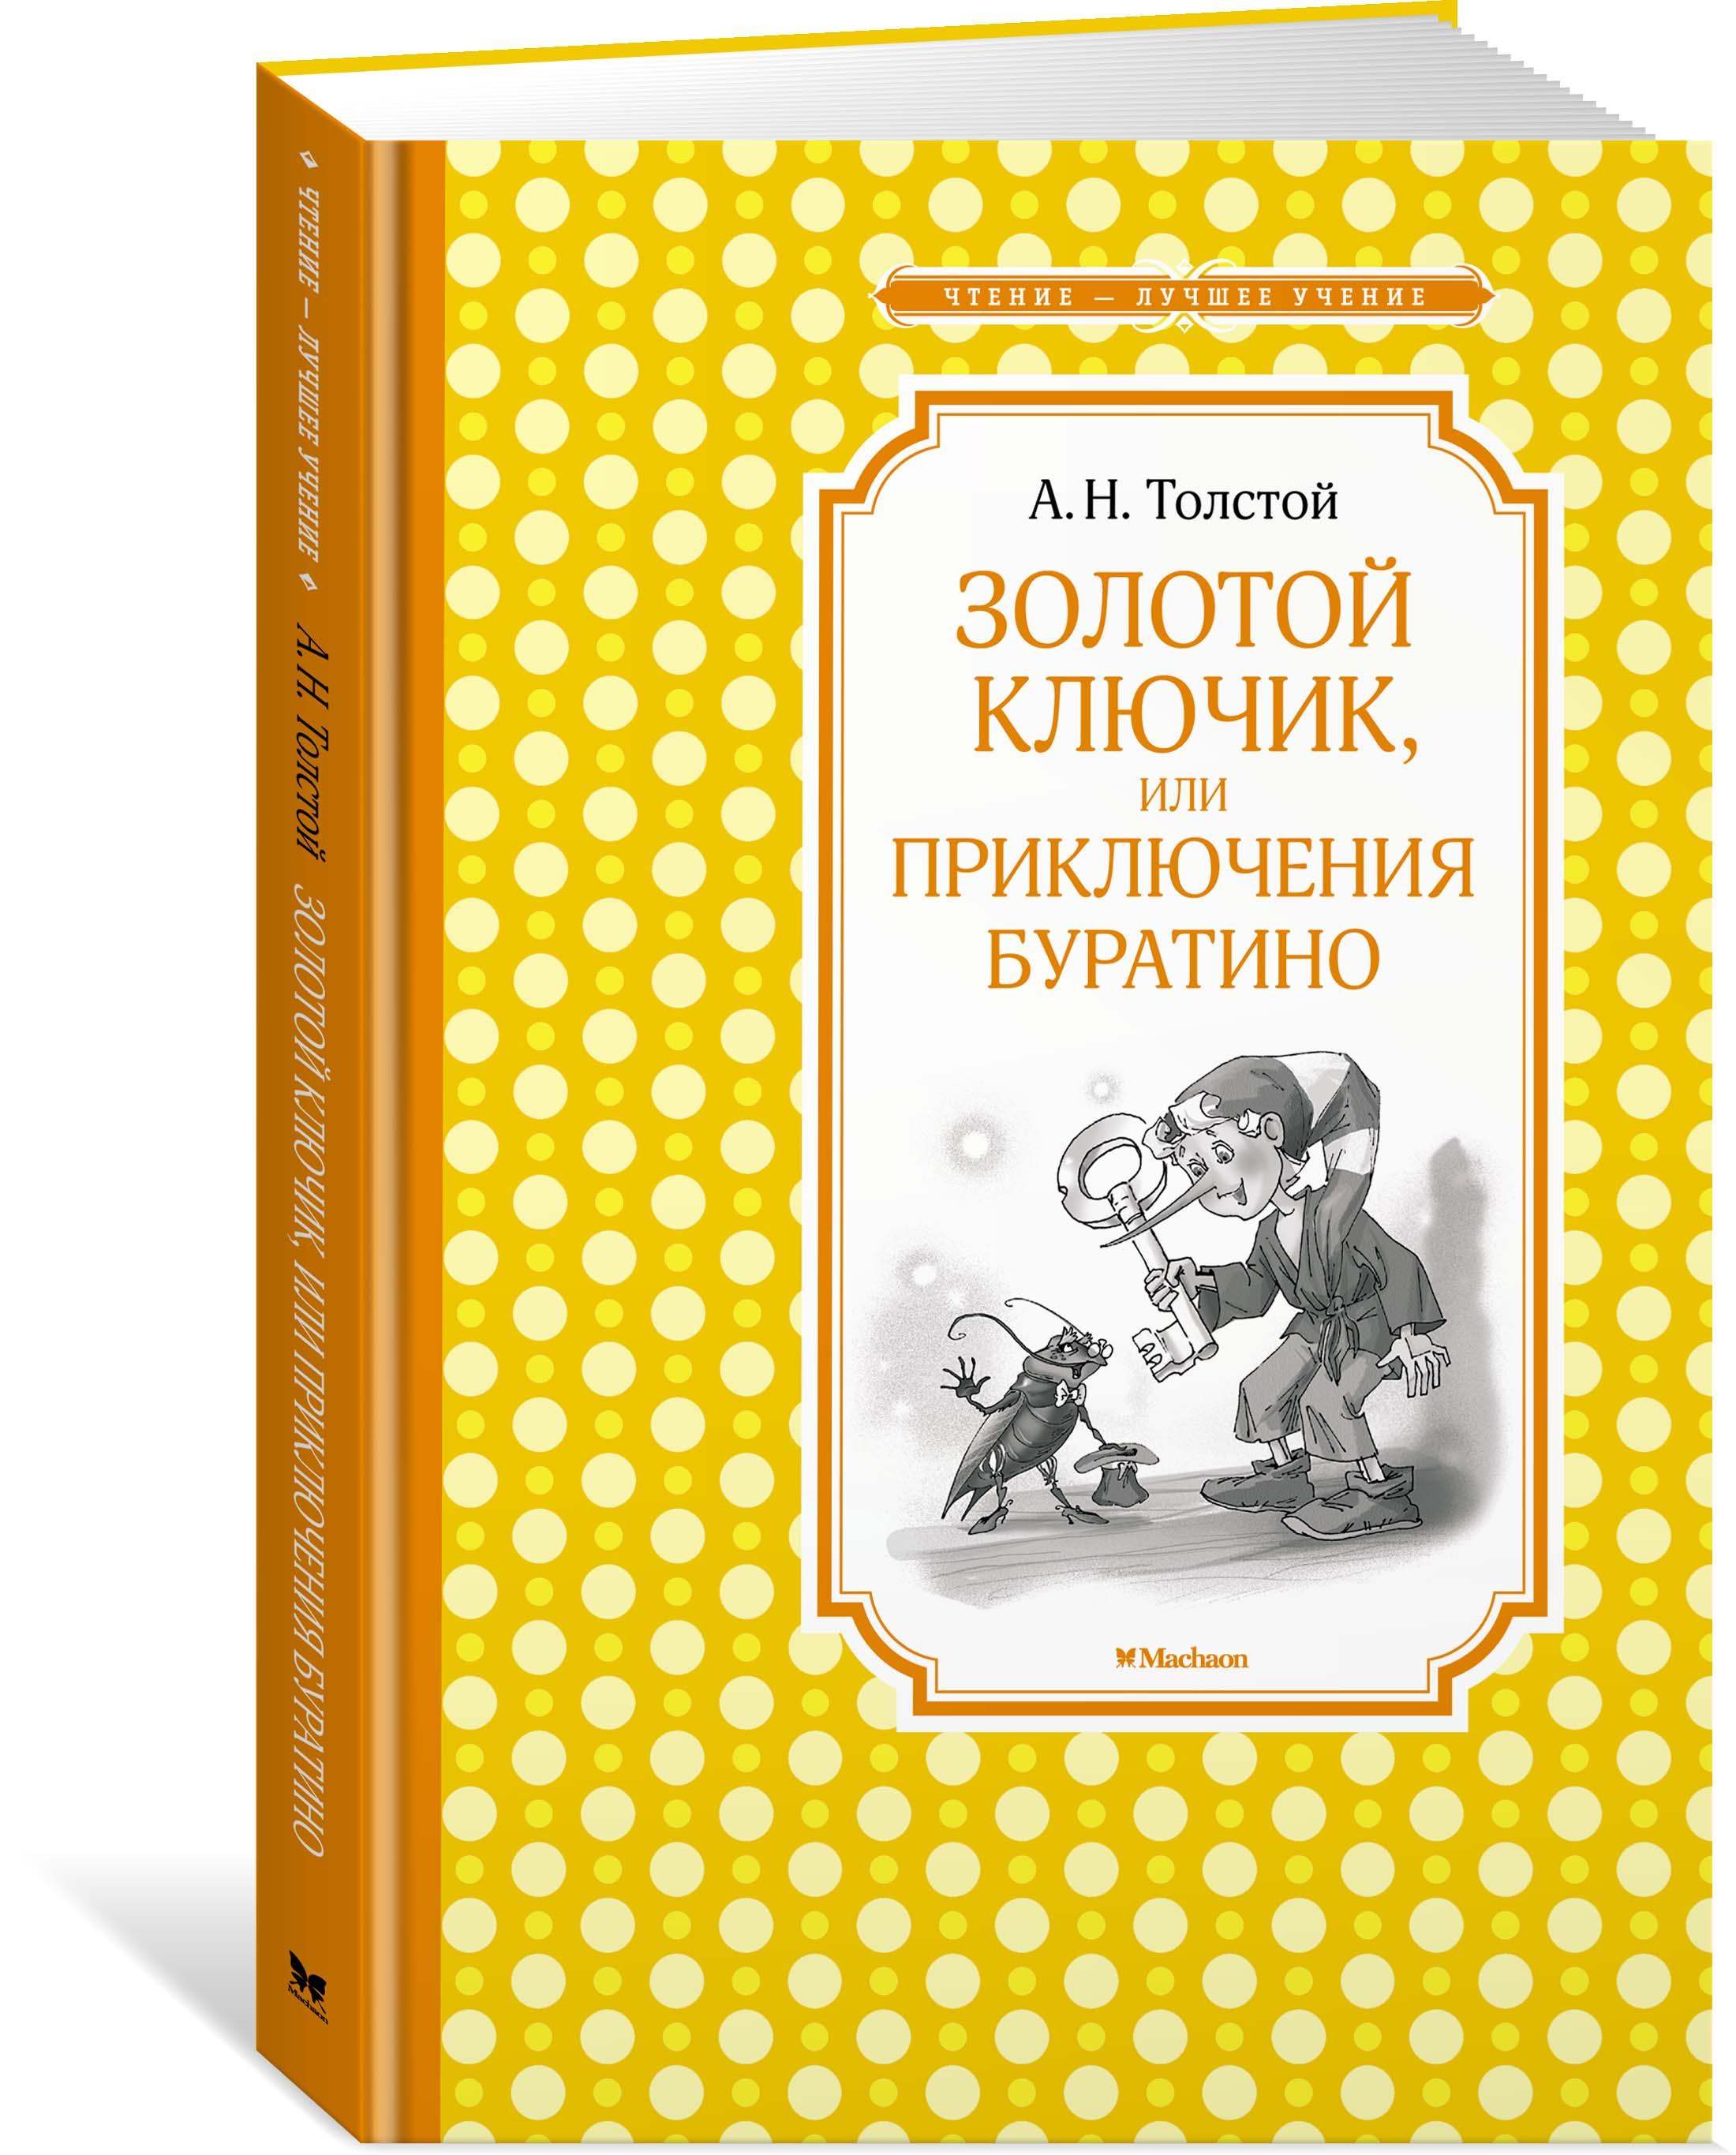 А. Н. Толстой Золотой ключик, или приключения Буратино золотой фонд отечественного кино мушкетеры 4 dvd